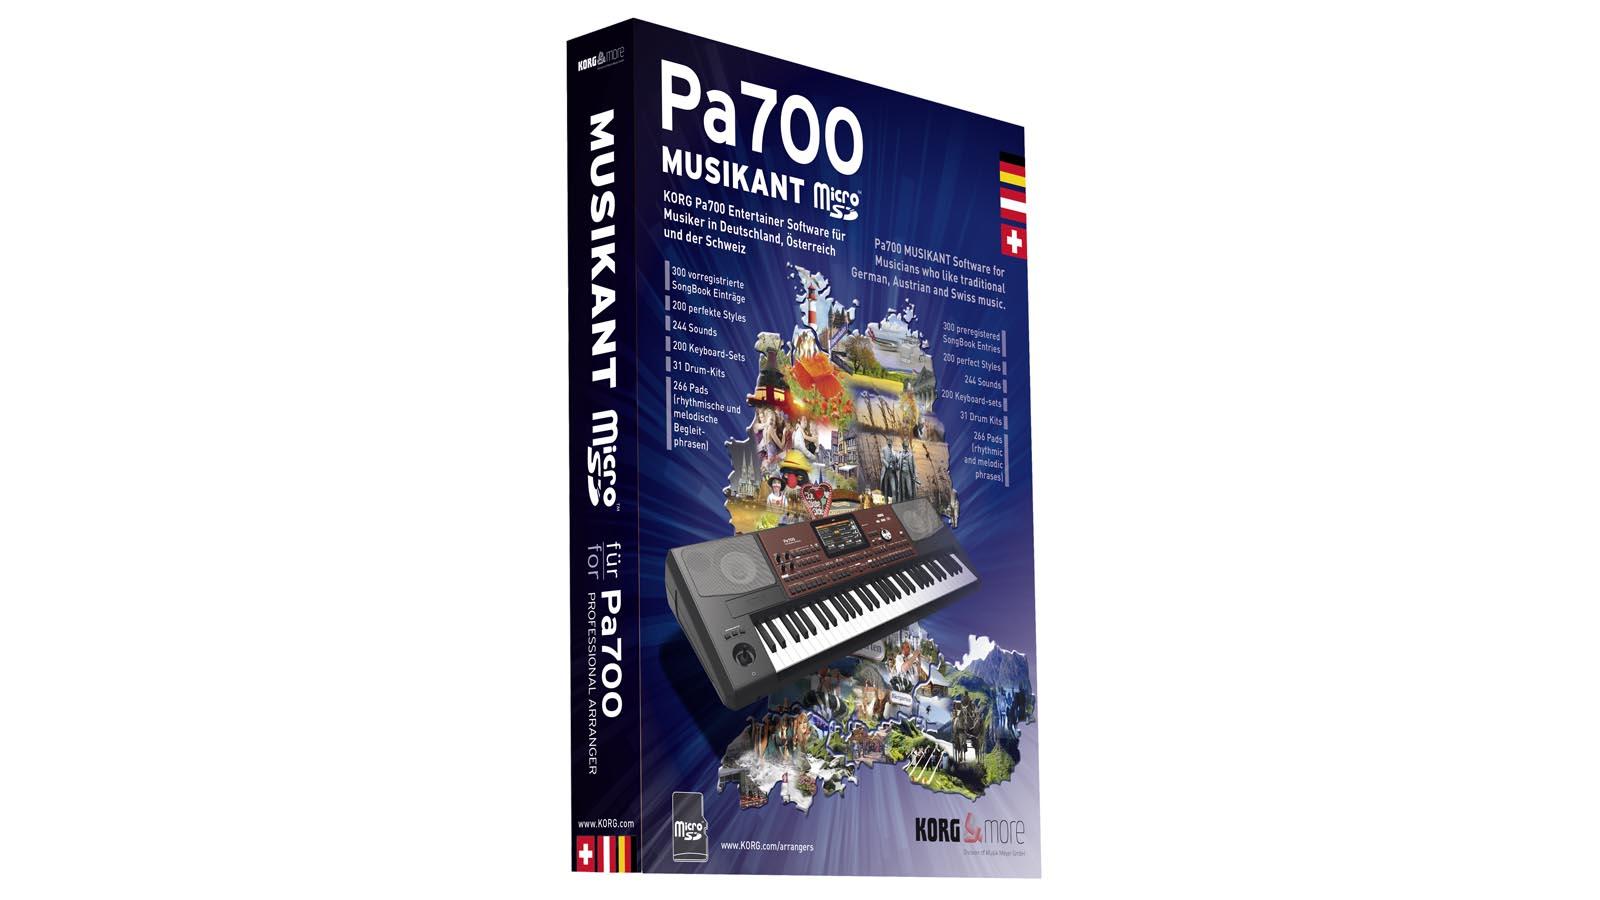 Korg Erweiterung für PA-700 SD-Karte Software